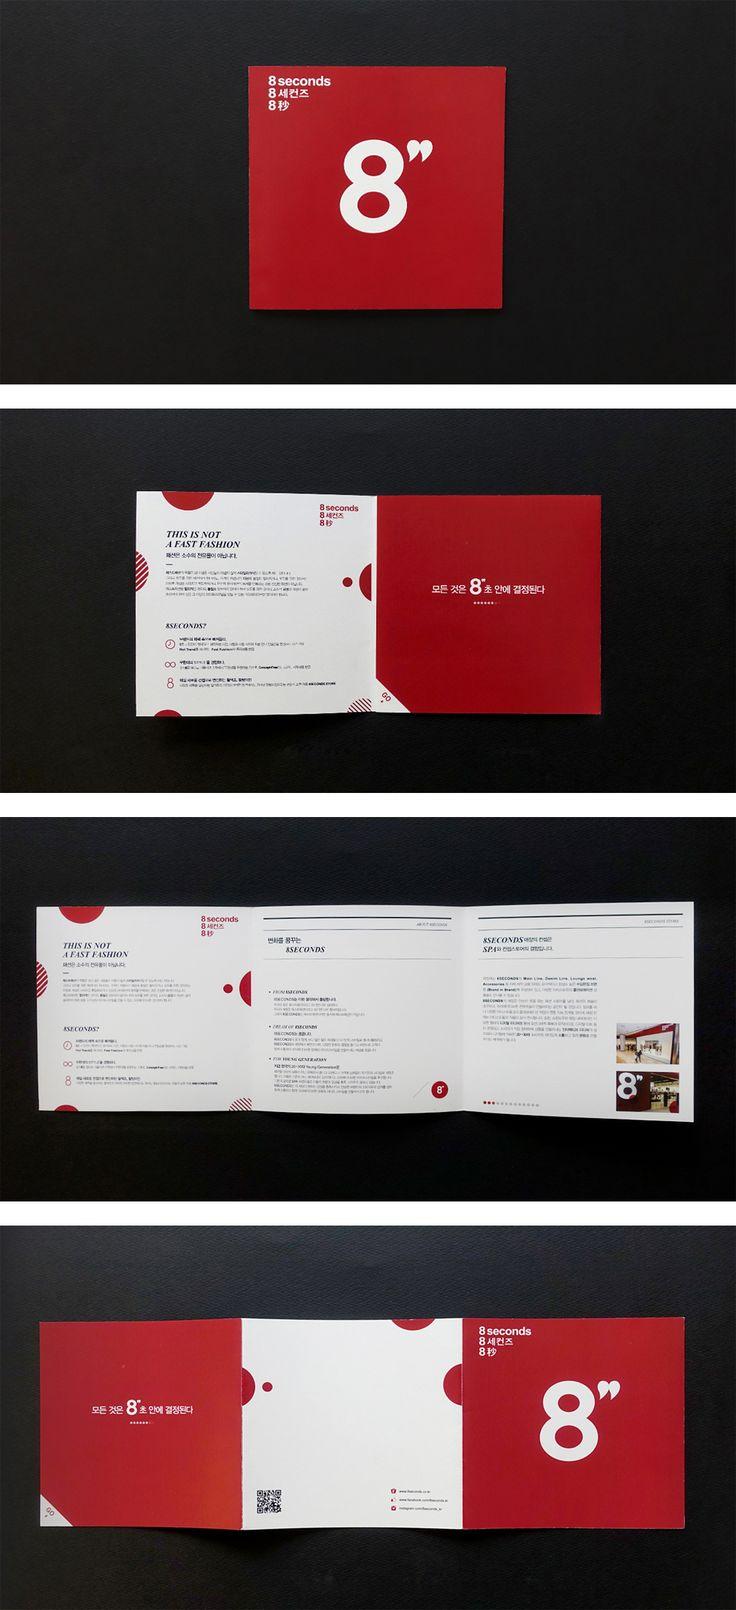 디자인 나스 (designnas) 학생 광고 편집 디자인 - 리플렛 포트폴리오 (advertisement leaflet)입니다. 키워드 : brand, ad, advertisement, leaflet, pamphlet, catalog, brochure, poster, branding, info graphic, design, paper, graphics, portfolio 디자인나스의 작품은 모두 학생작품입니다. all rights reserved designnas www.designnas.com